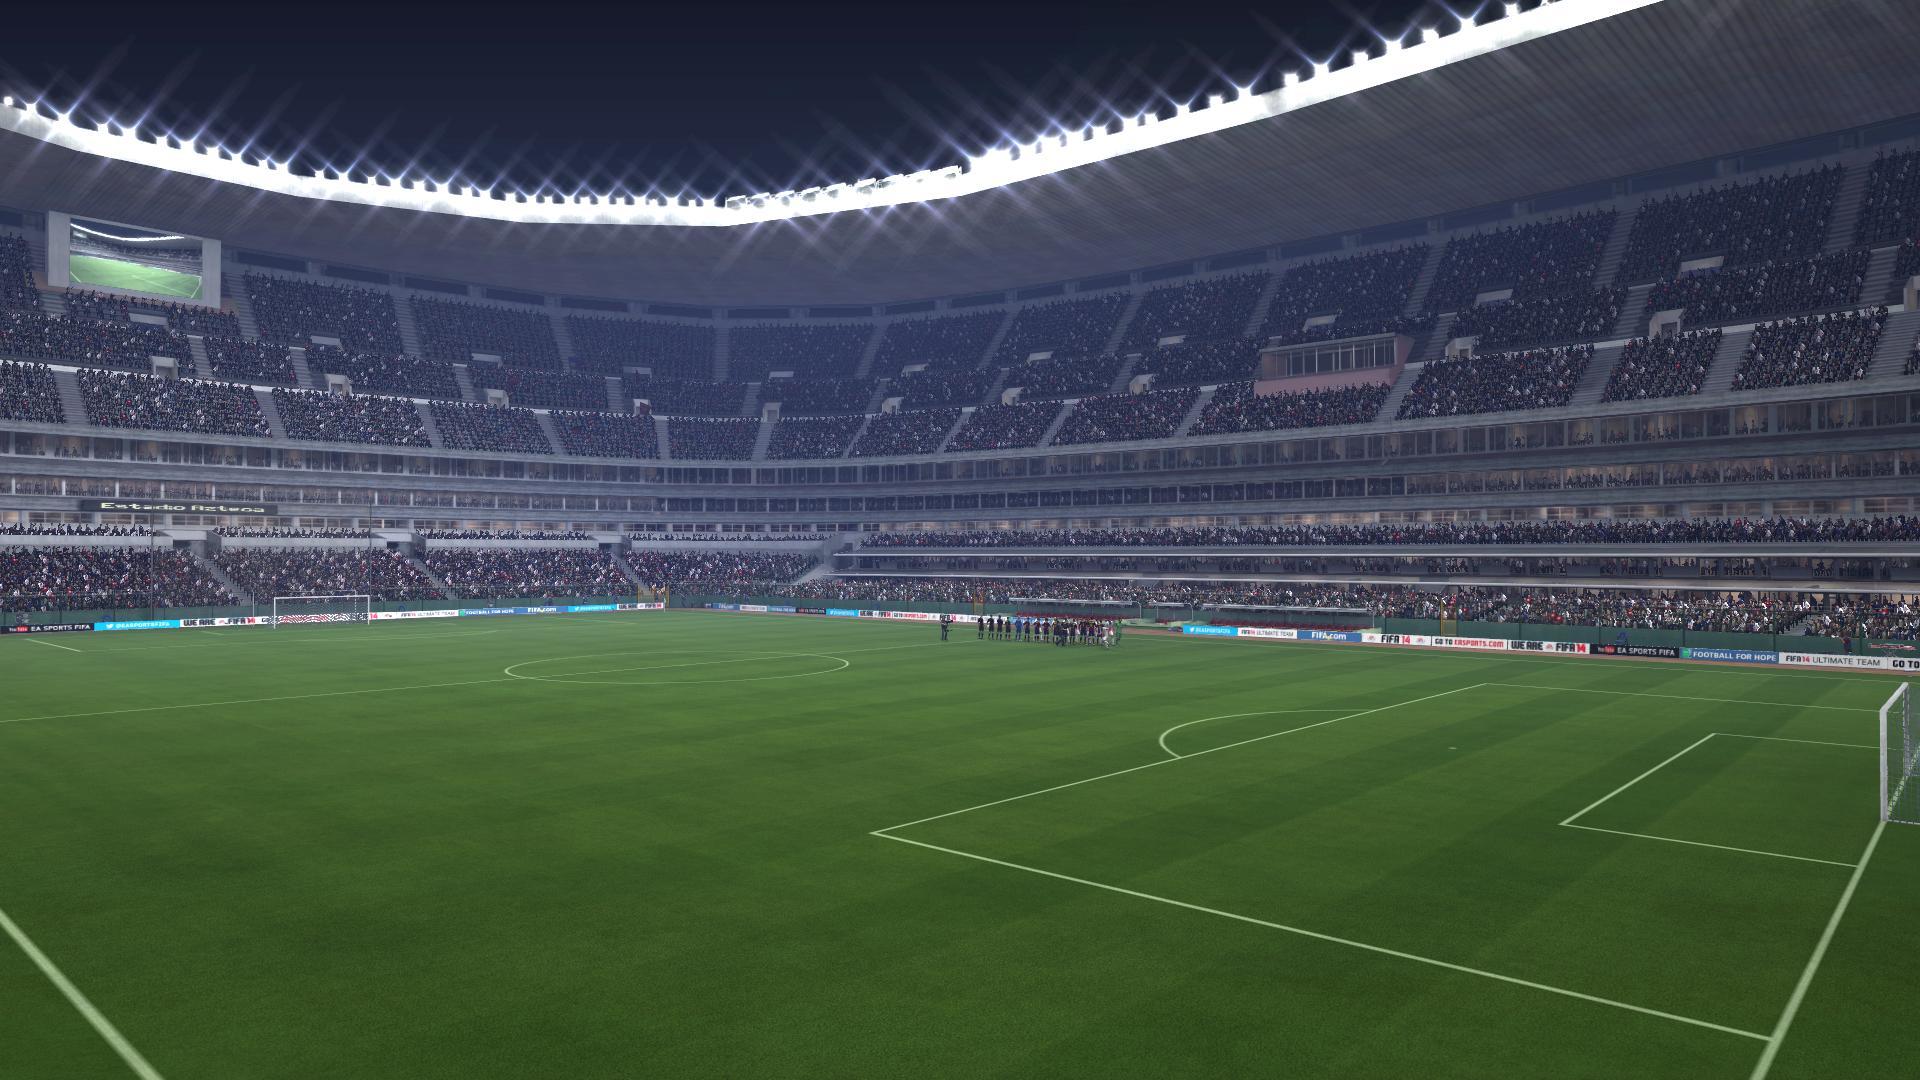 Wallpapers Fond Decran Pour FIFA 14 PC 3DS Wii PS3